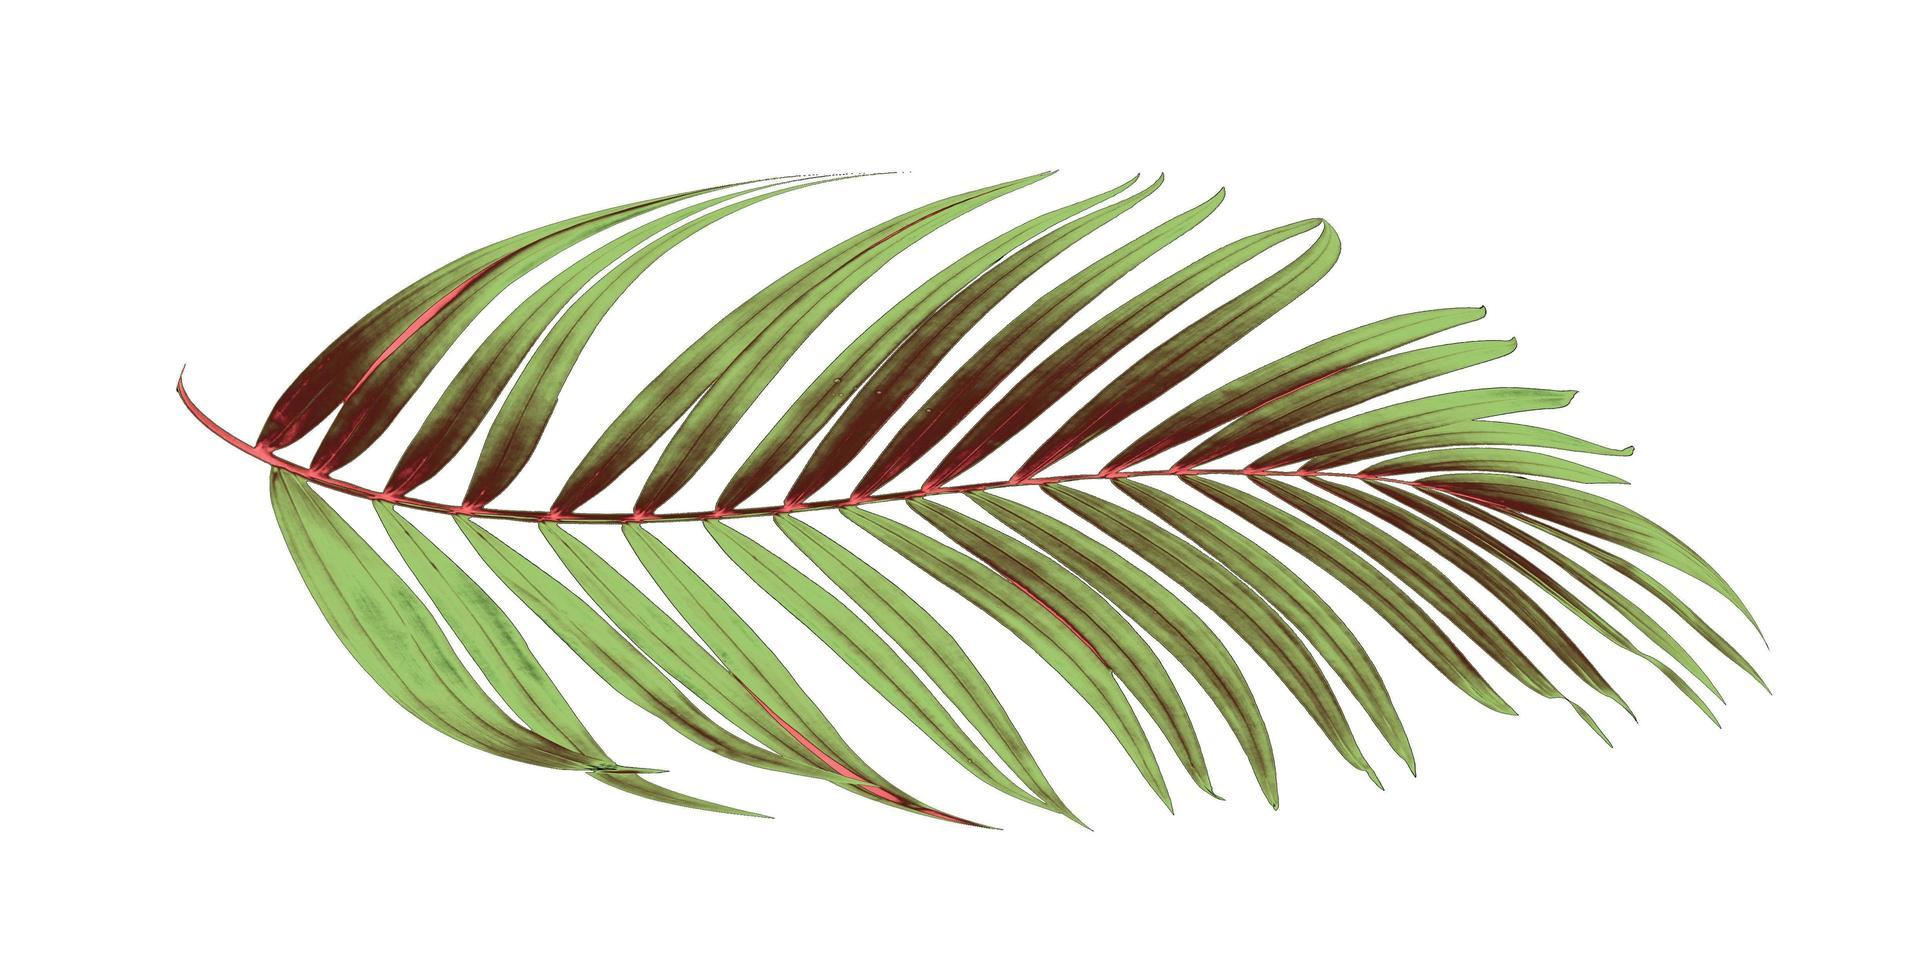 foglia tropicale verde e marrone foto